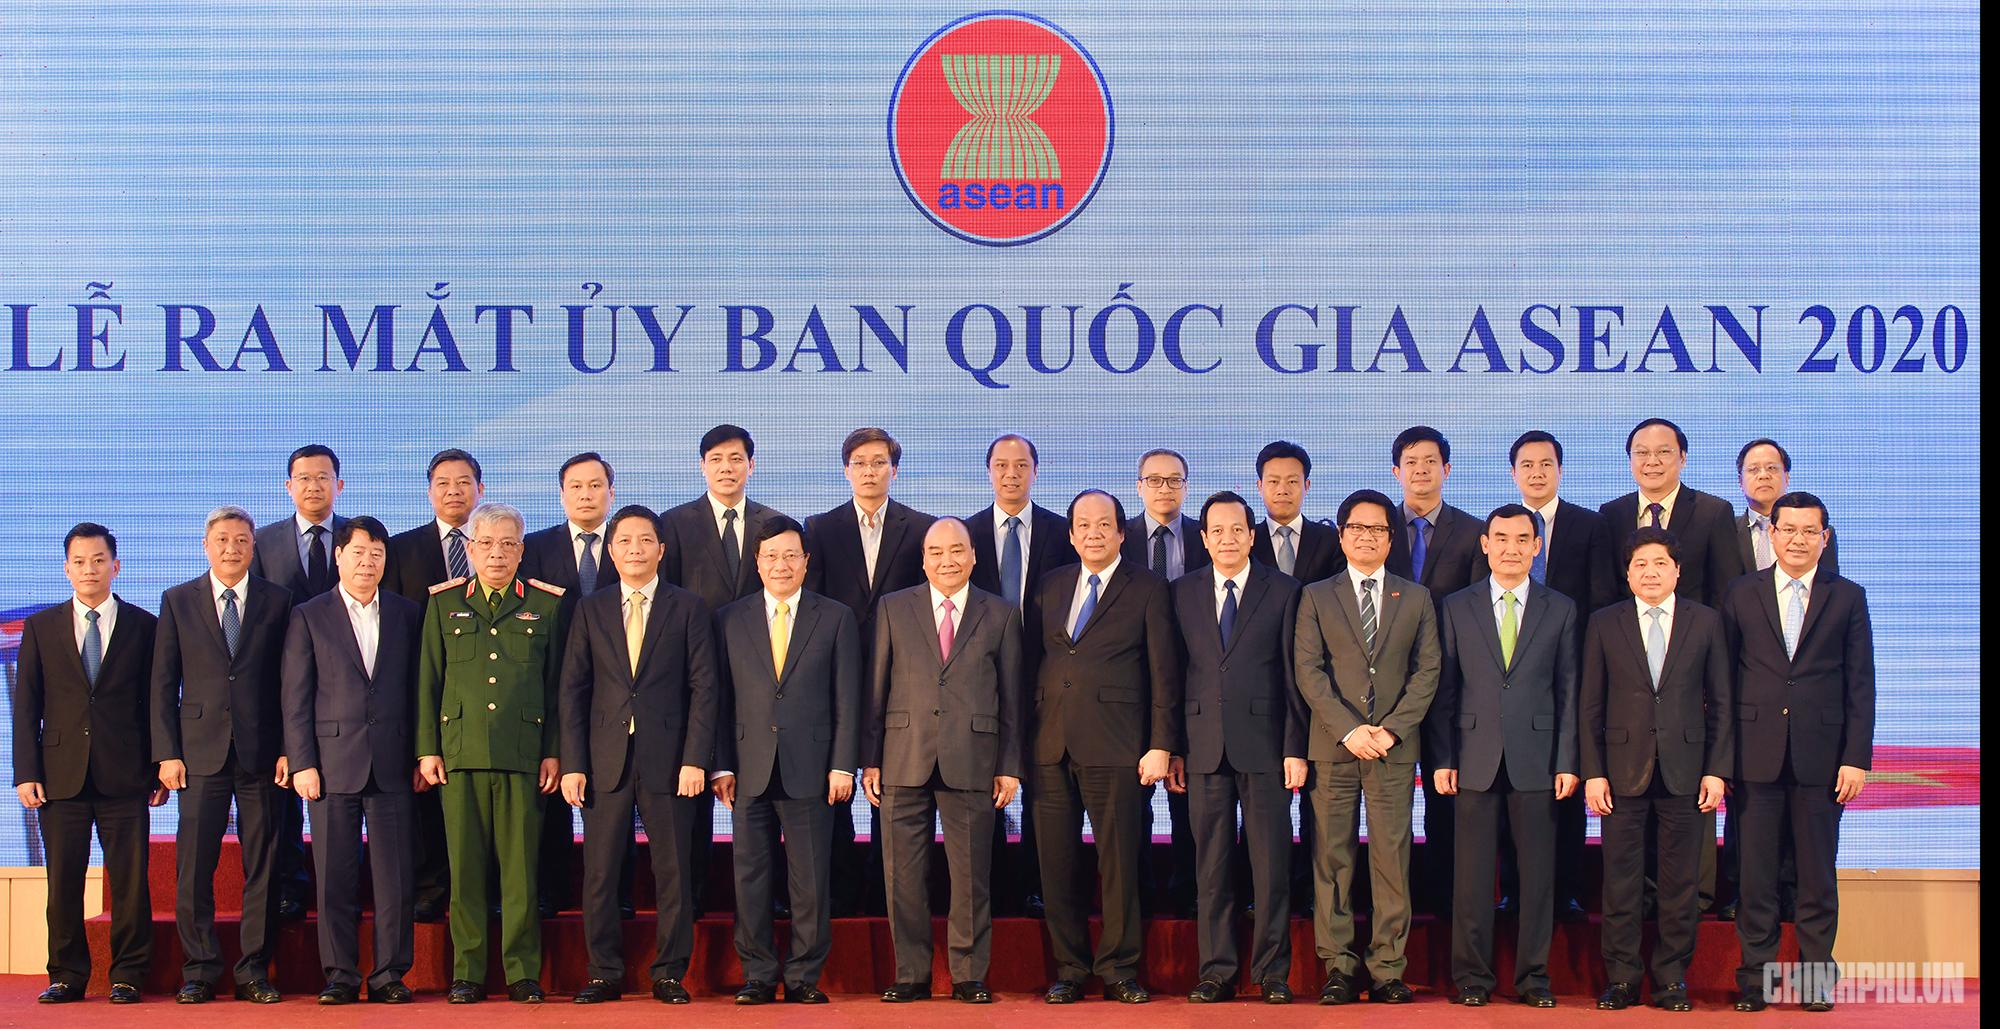 Năm Chủ tịch ASEAN 2020: Thách thức, cơ hội chờ đón Việt Nam (20/3/2019)